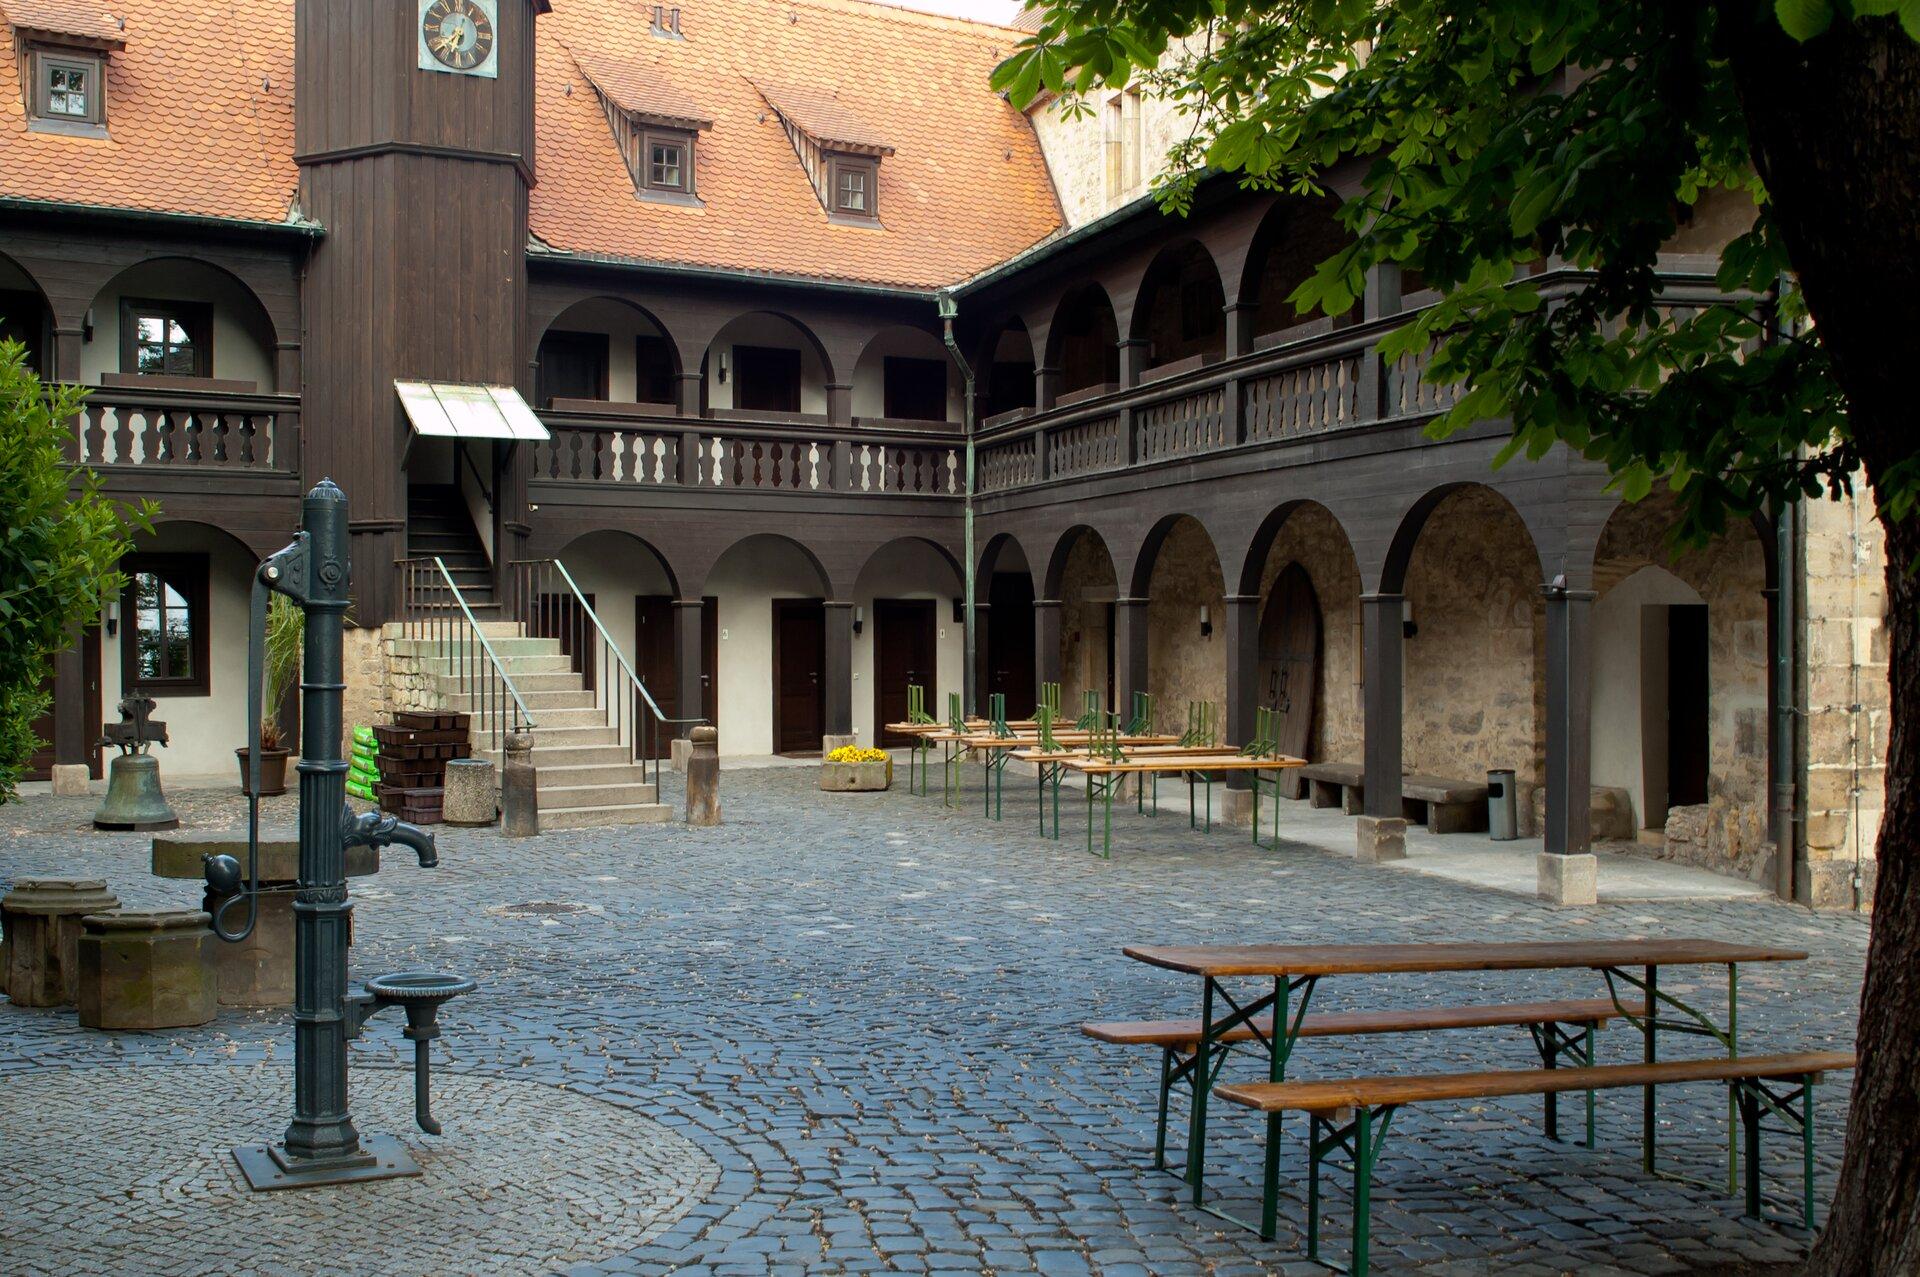 Klasztor Augustianów wWittenberdze Klasztor Augustianów wWittenberdze Źródło: Alupus, Wikimedia Commomns, licencja: CC BY-SA 3.0.